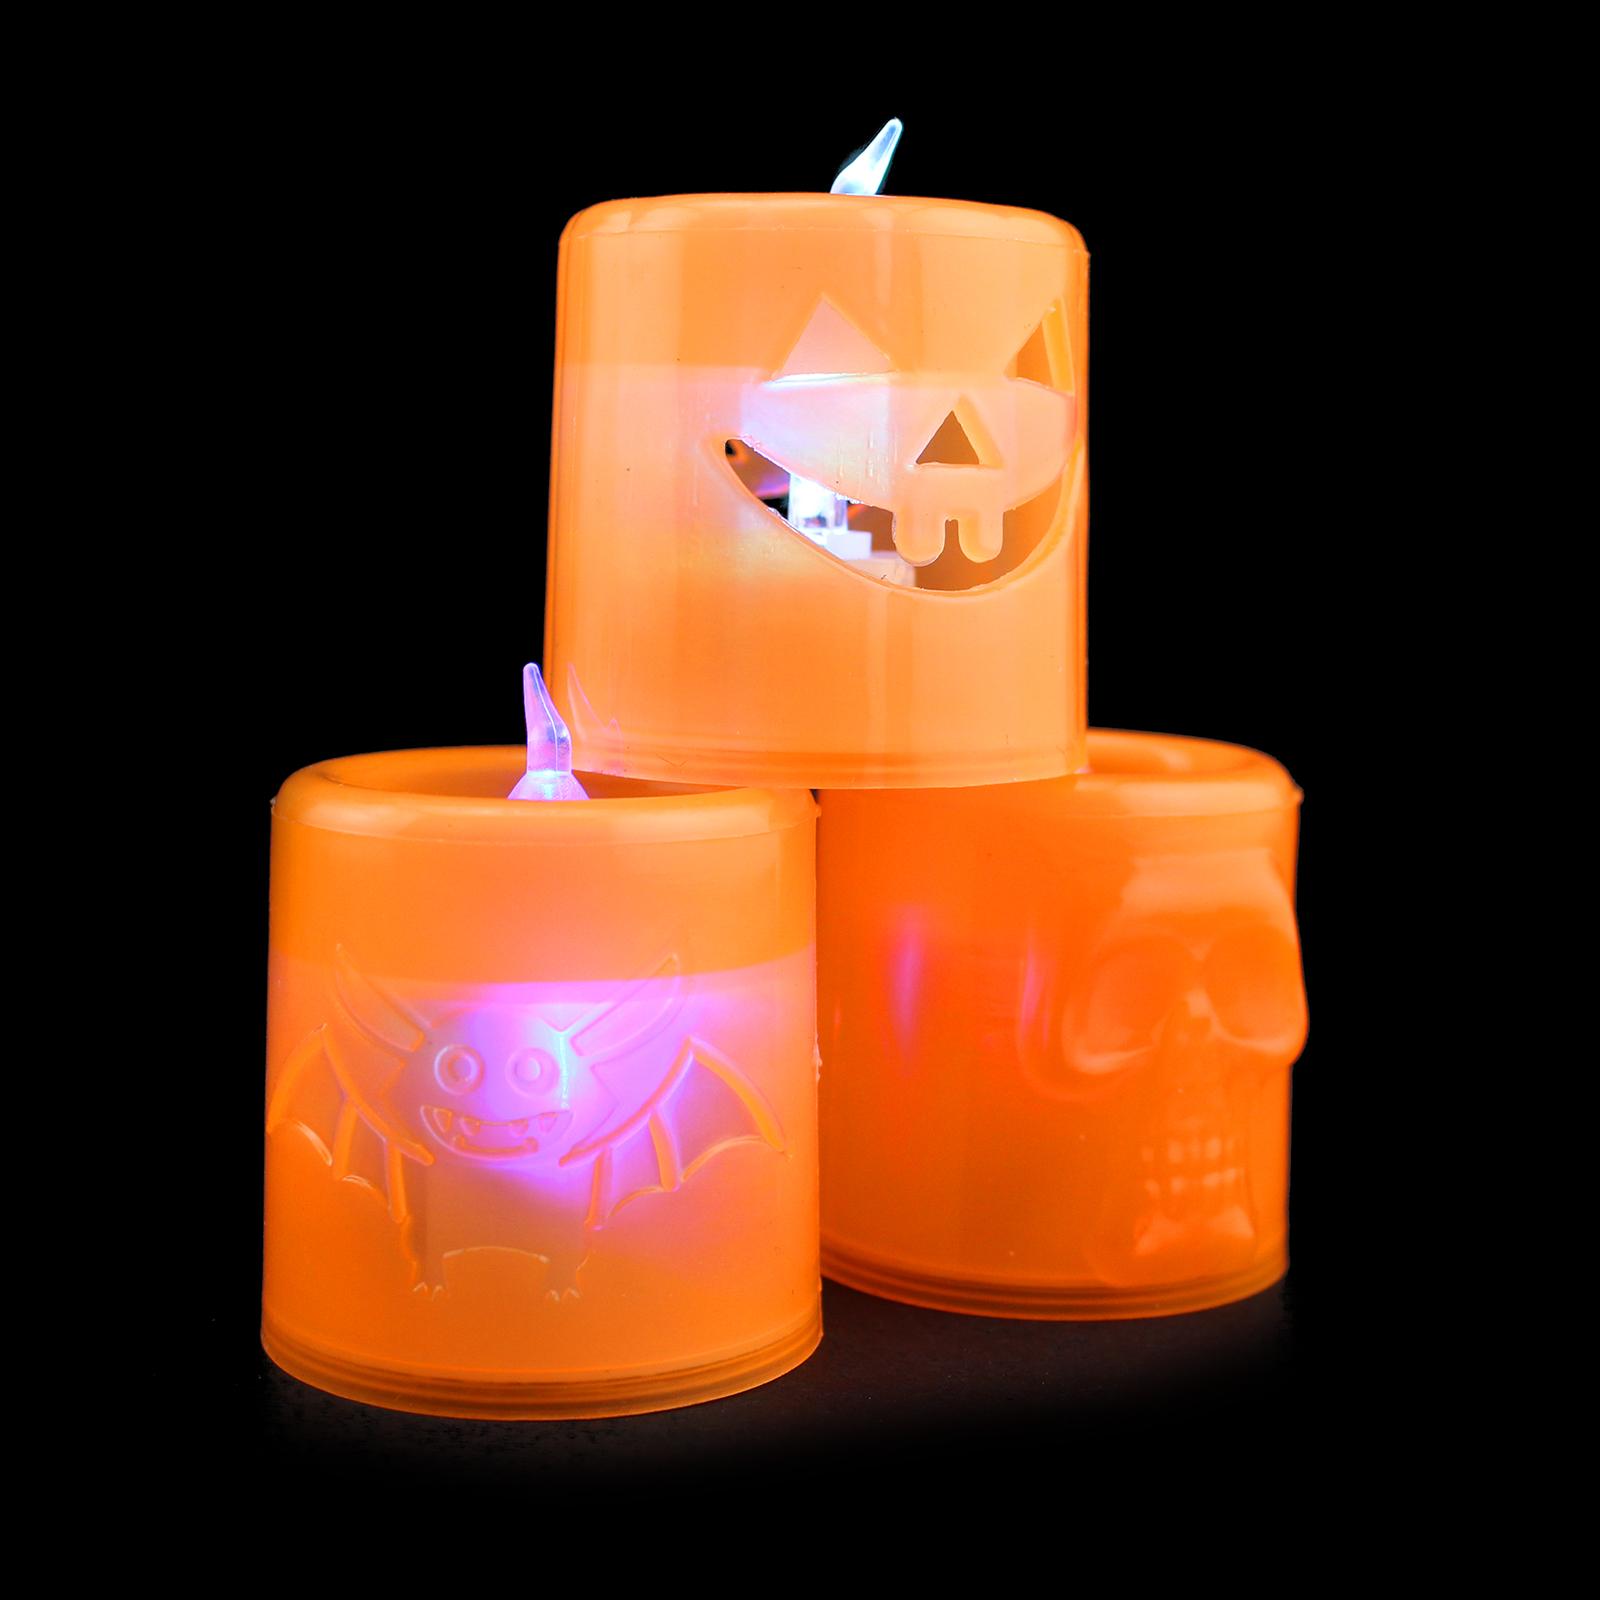 halloween light up battery pumpkin, bat, skull flameless candles